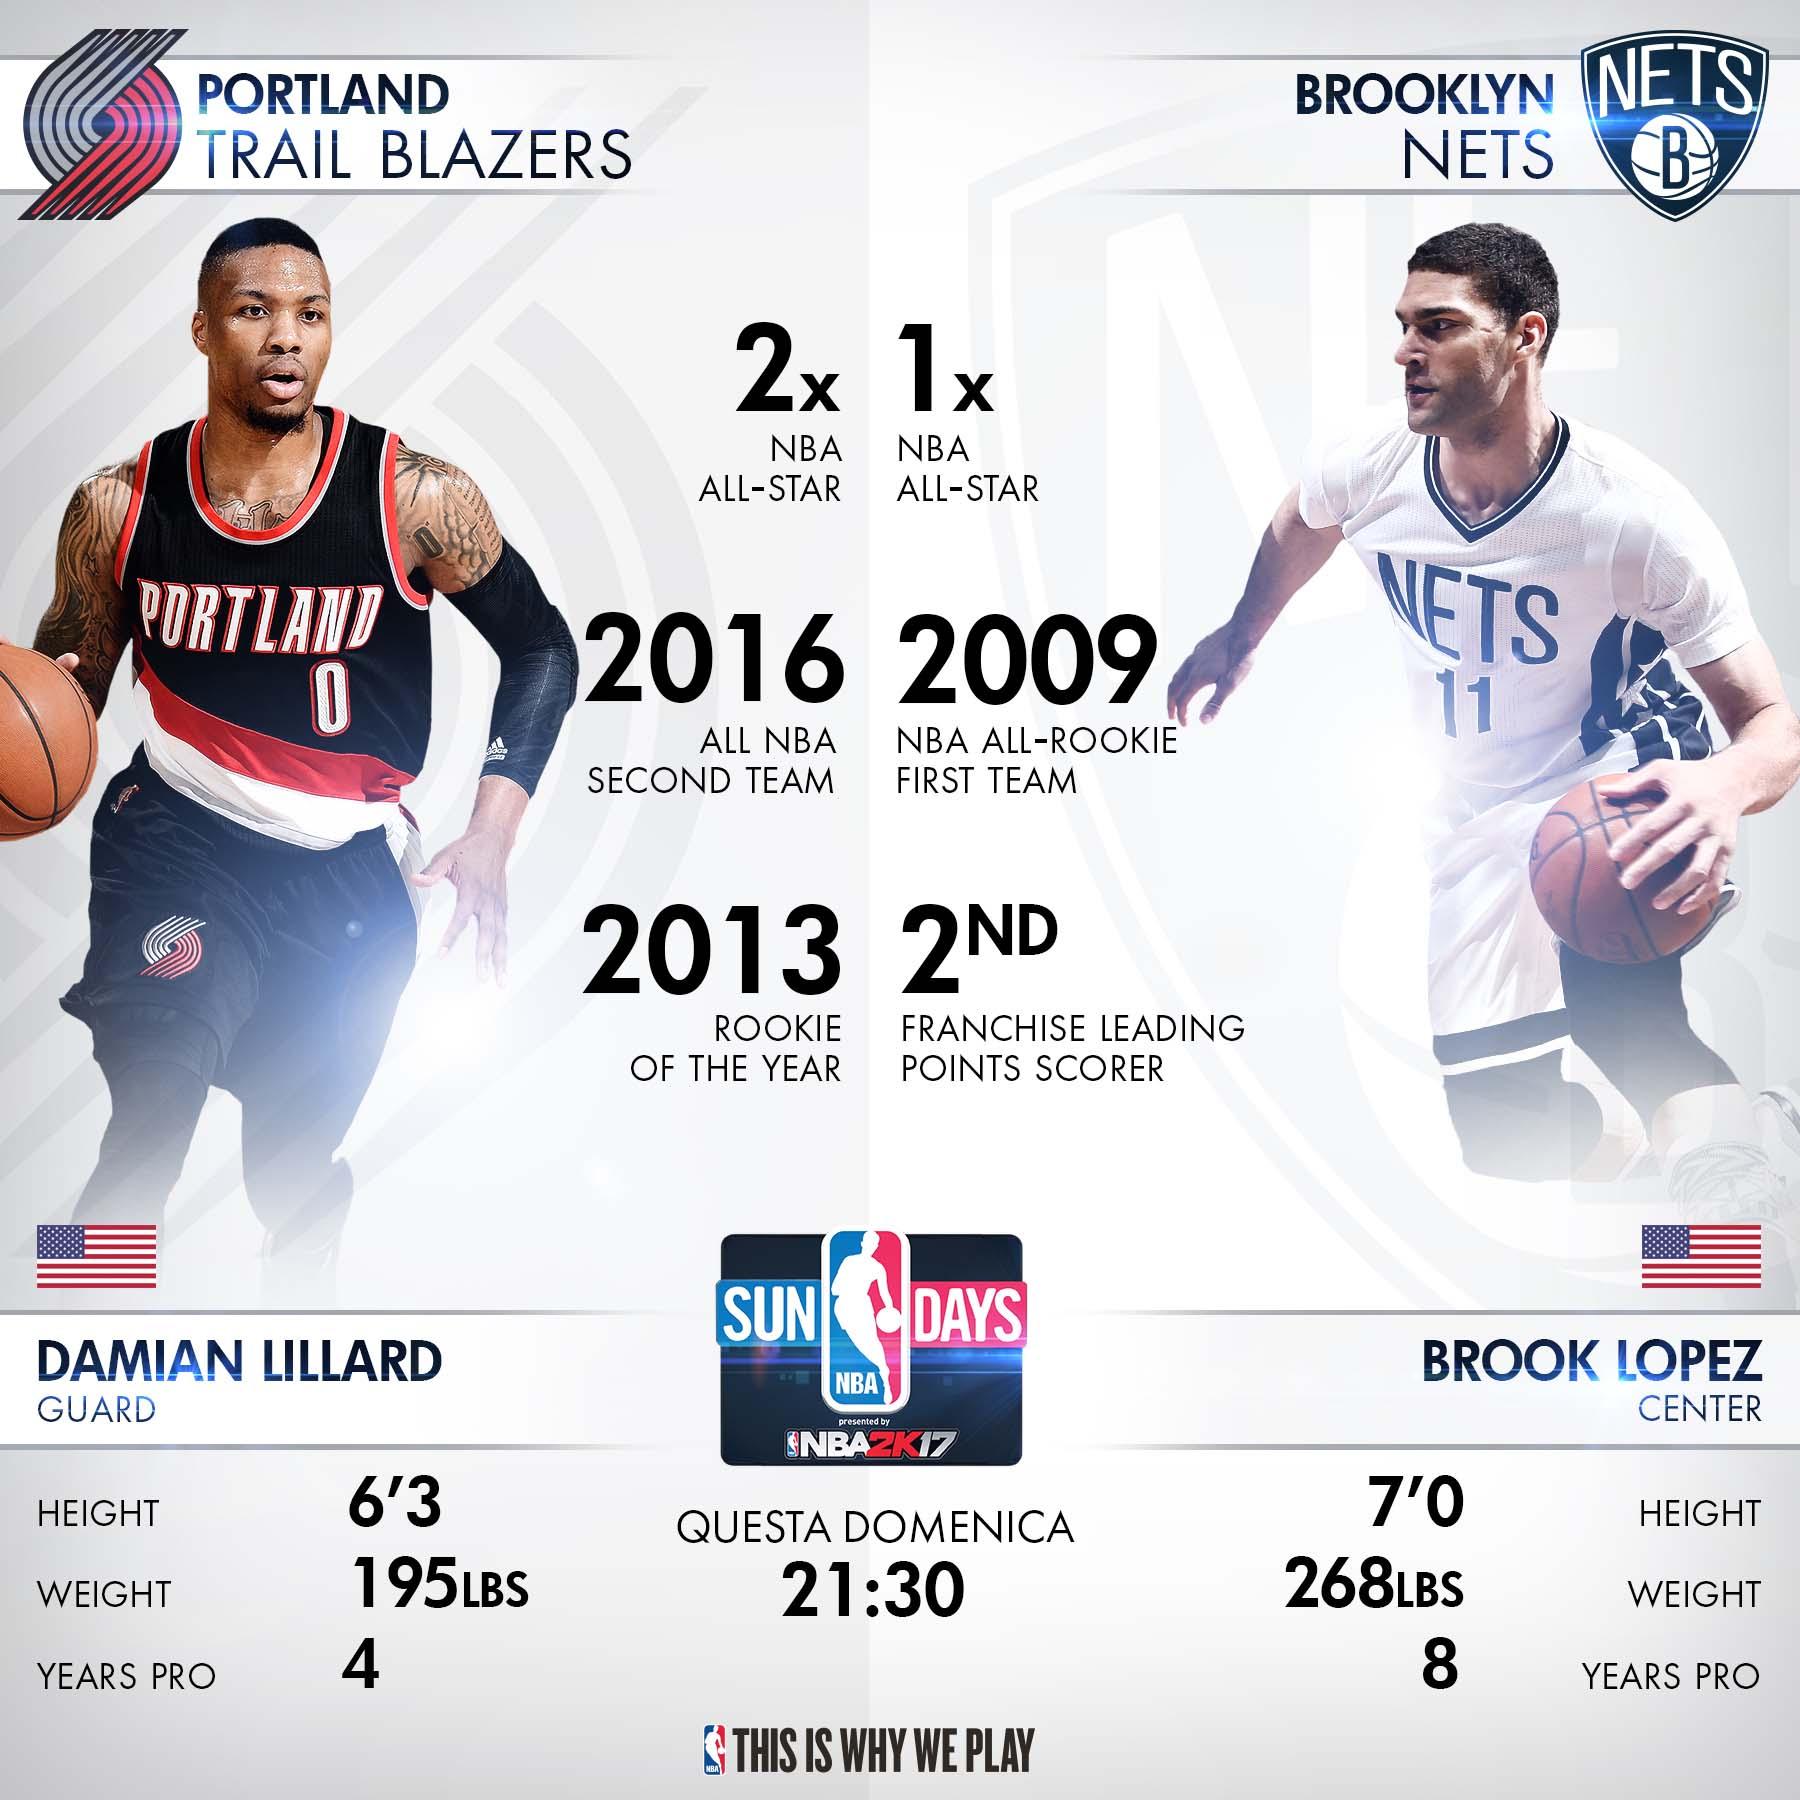 Brooklyn Nets Vs Portland Trail Blazers: NBA Sundays